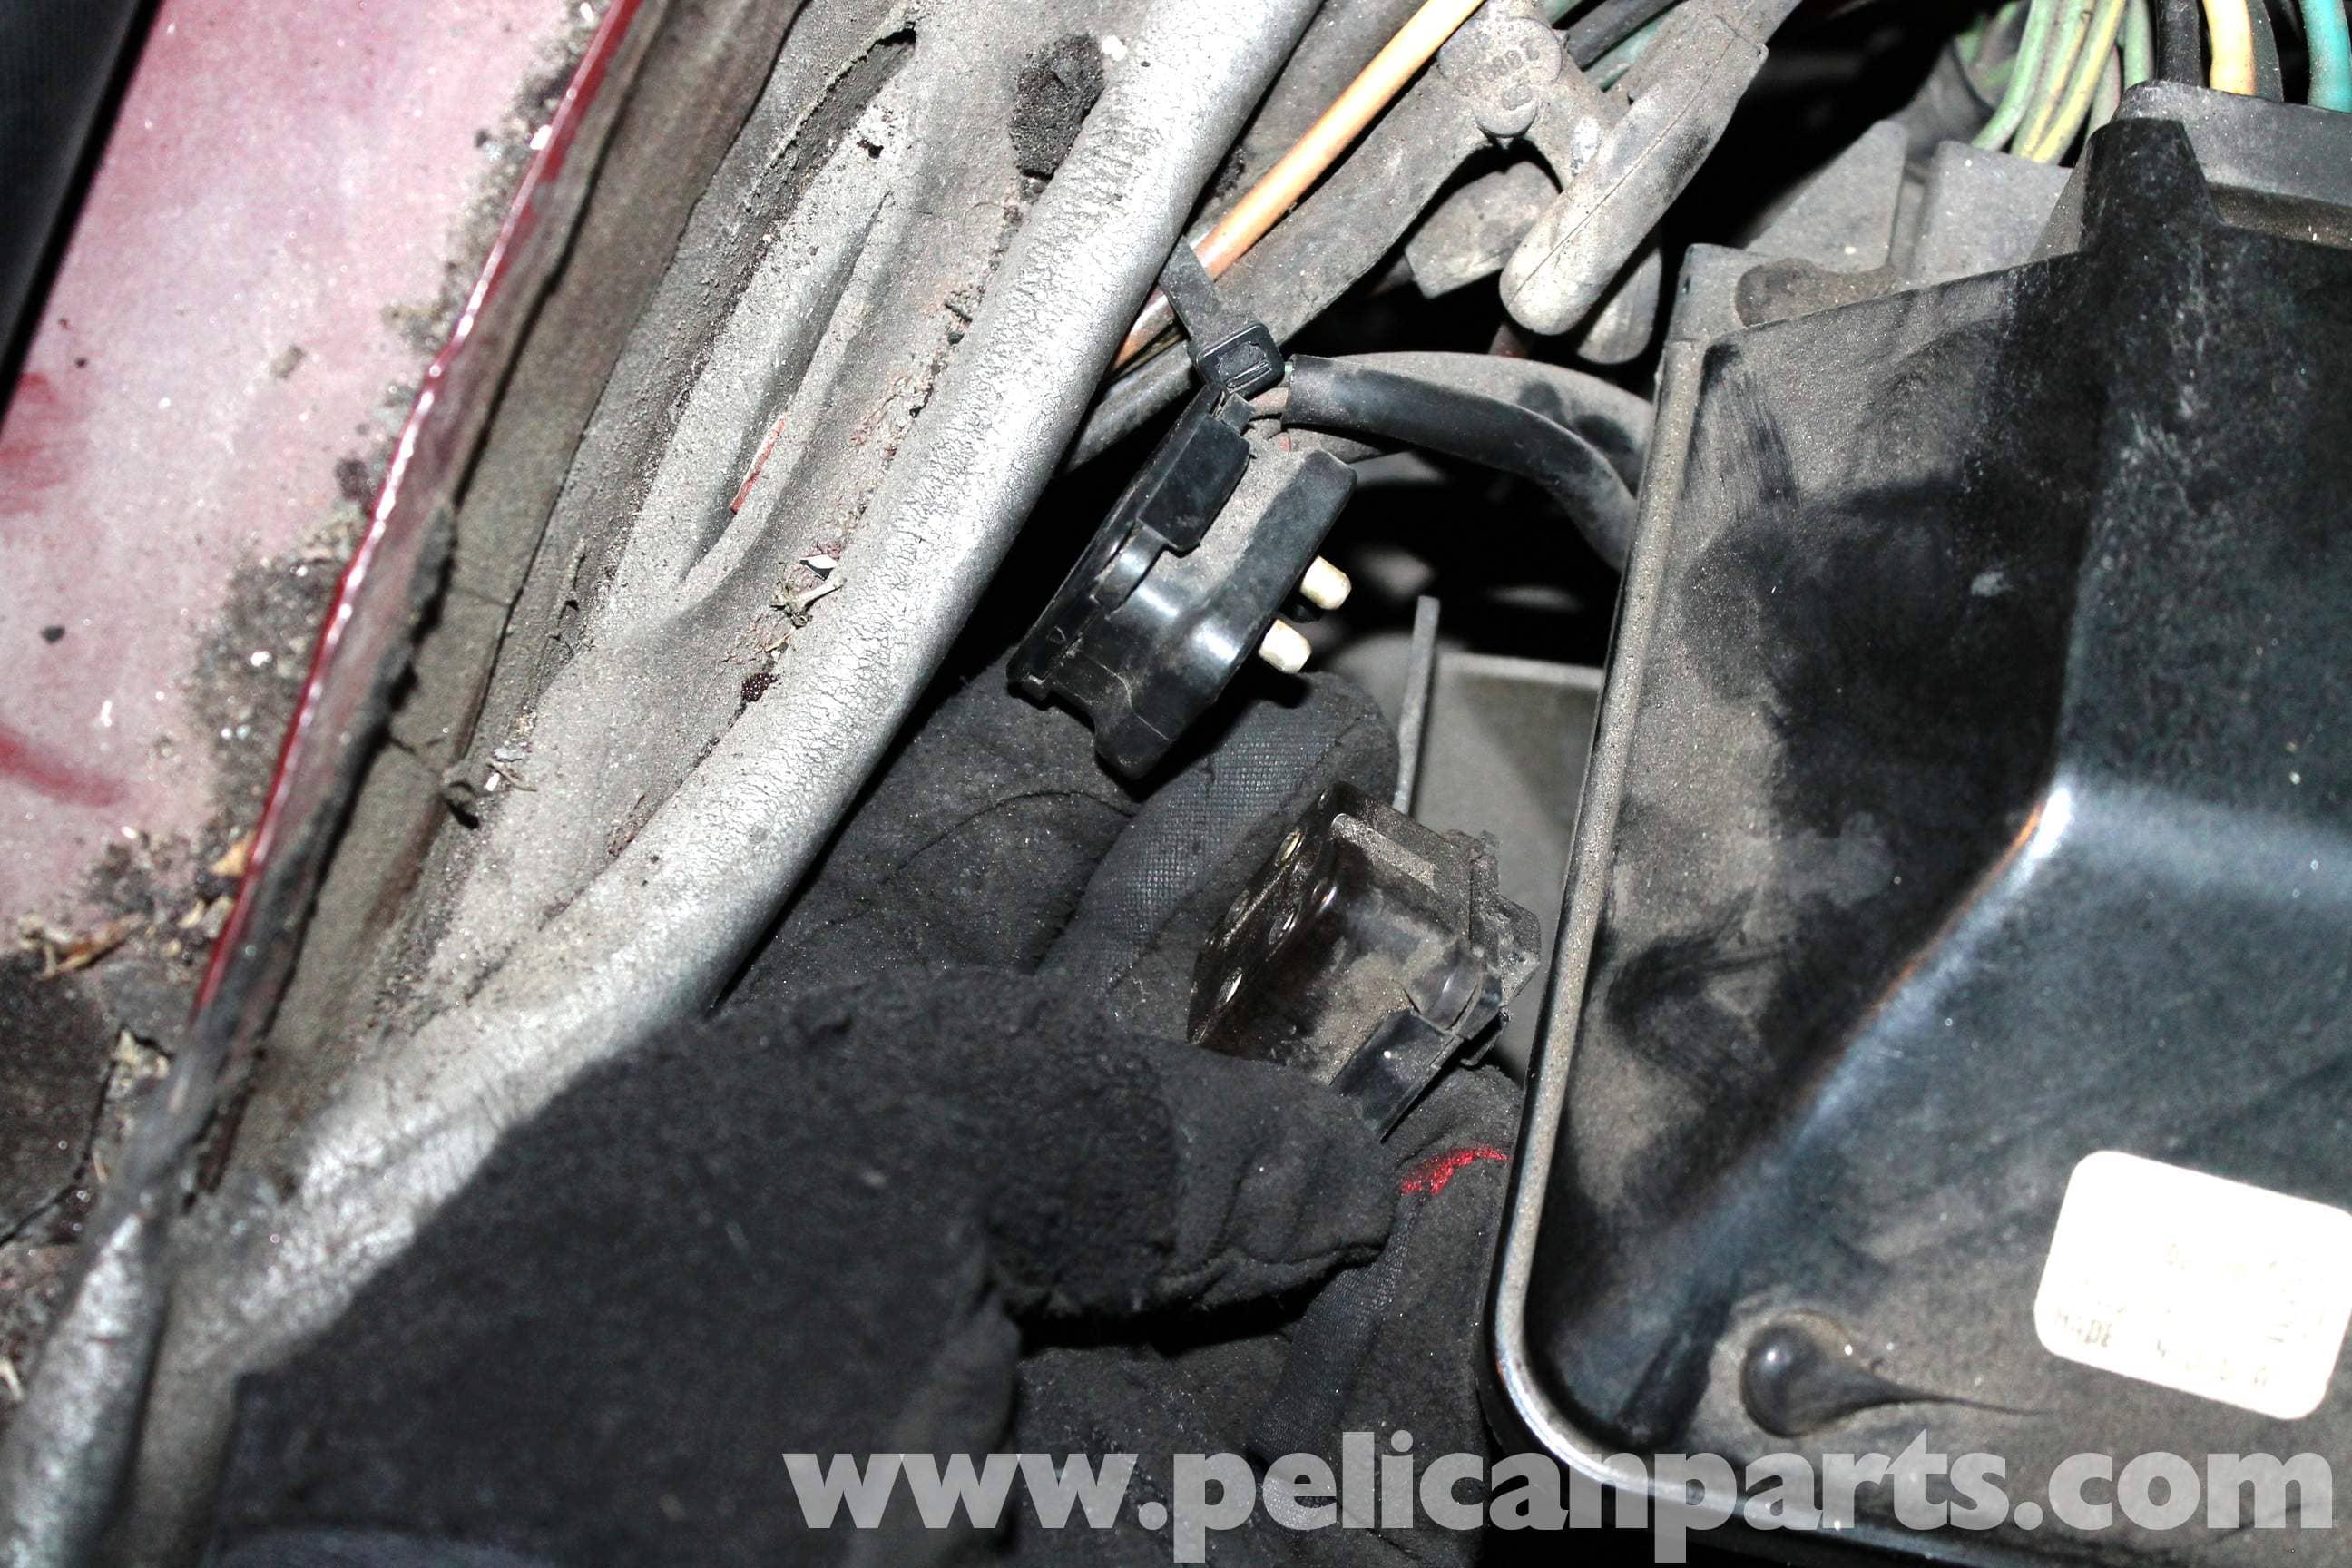 Mercedes benz r107 heater blower motor replacement 1972 for Replacement parts for mercedes benz